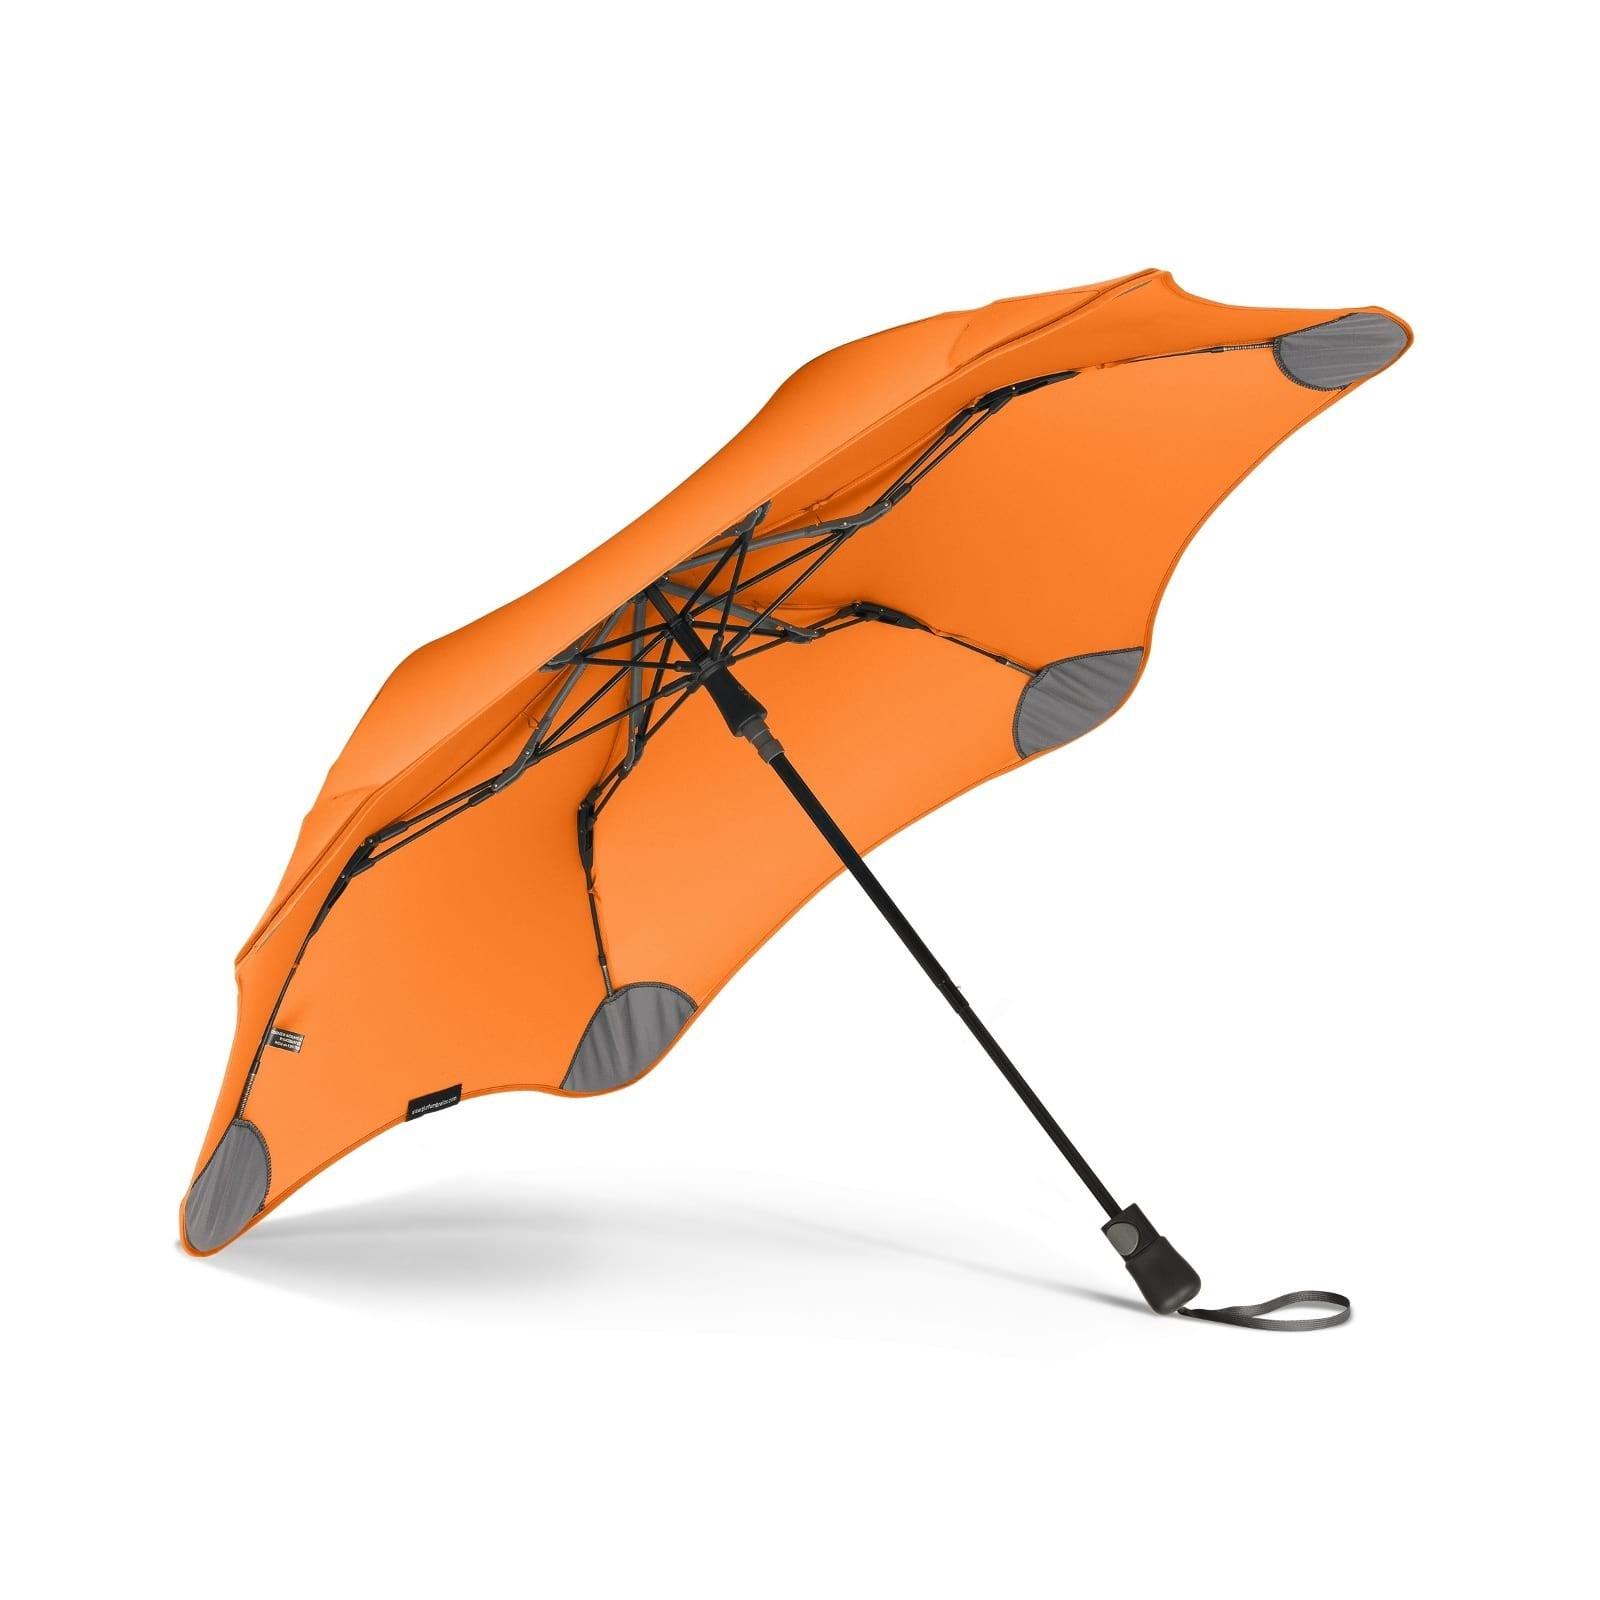 Αυτόματη Σπαστή Ομπρέλα Καταιγίδας Metro (Πορτοκαλί) - Blunt